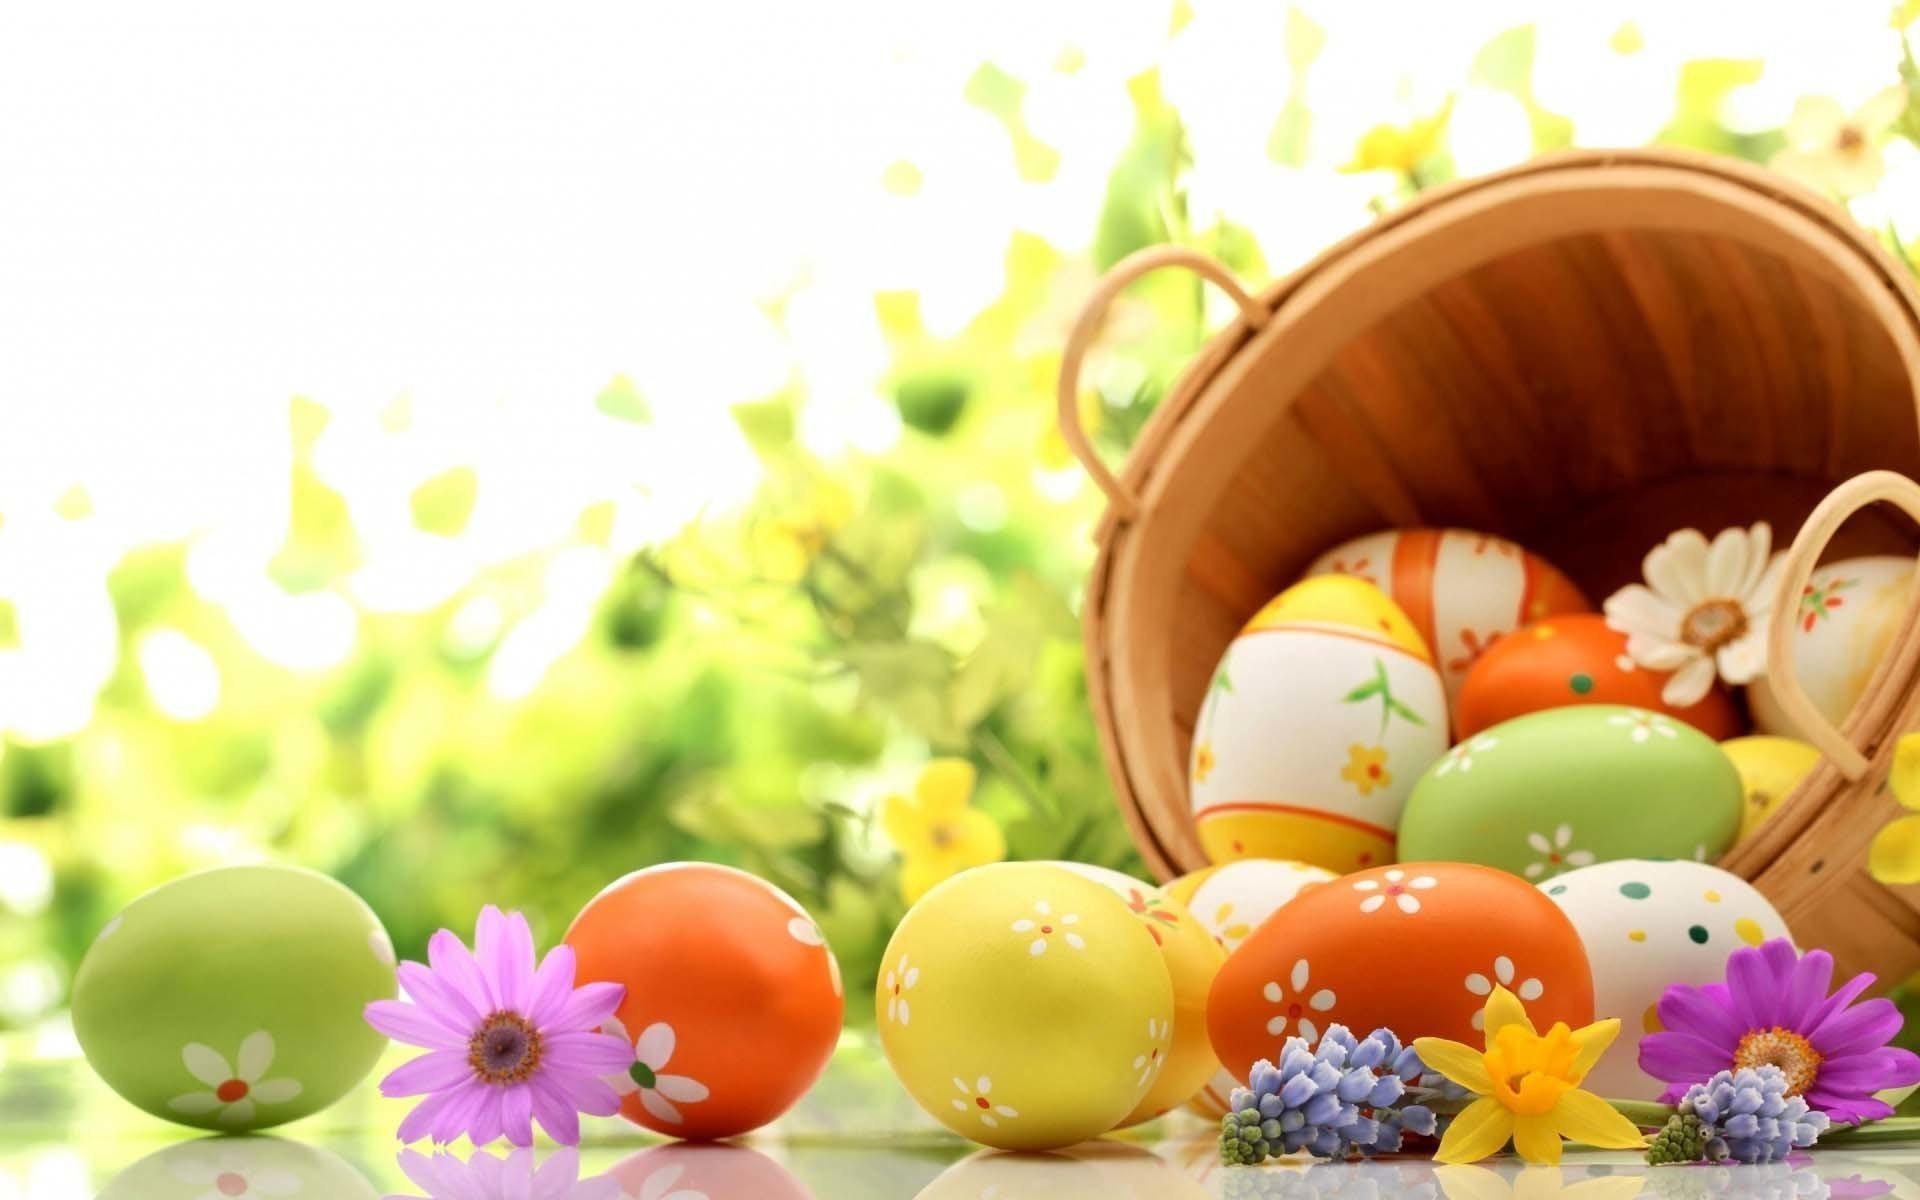 easter egg wallpaper desktop 183��